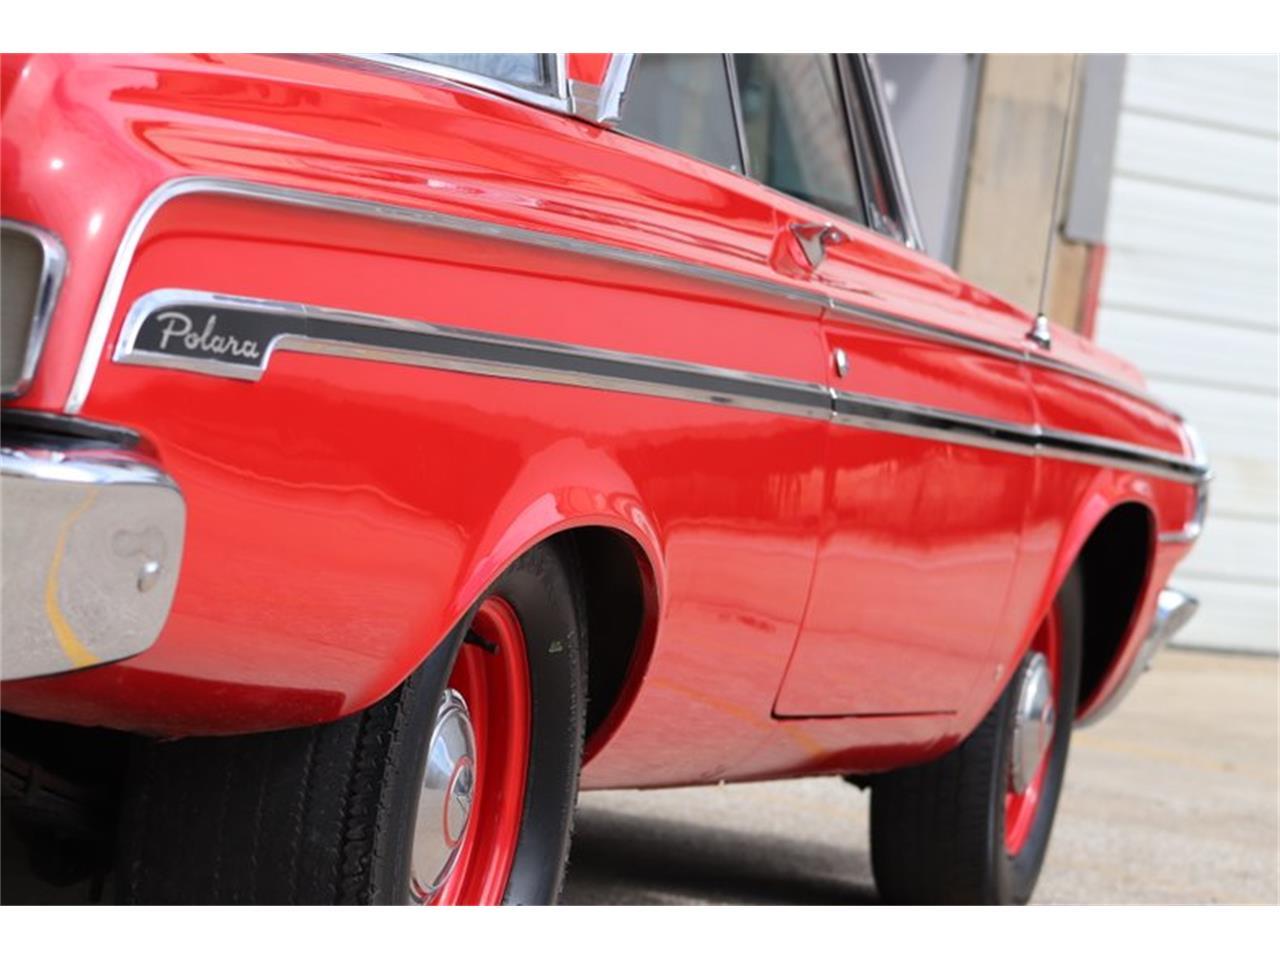 1964 Dodge Polara (CC-1209843) for sale in Alsip, Illinois